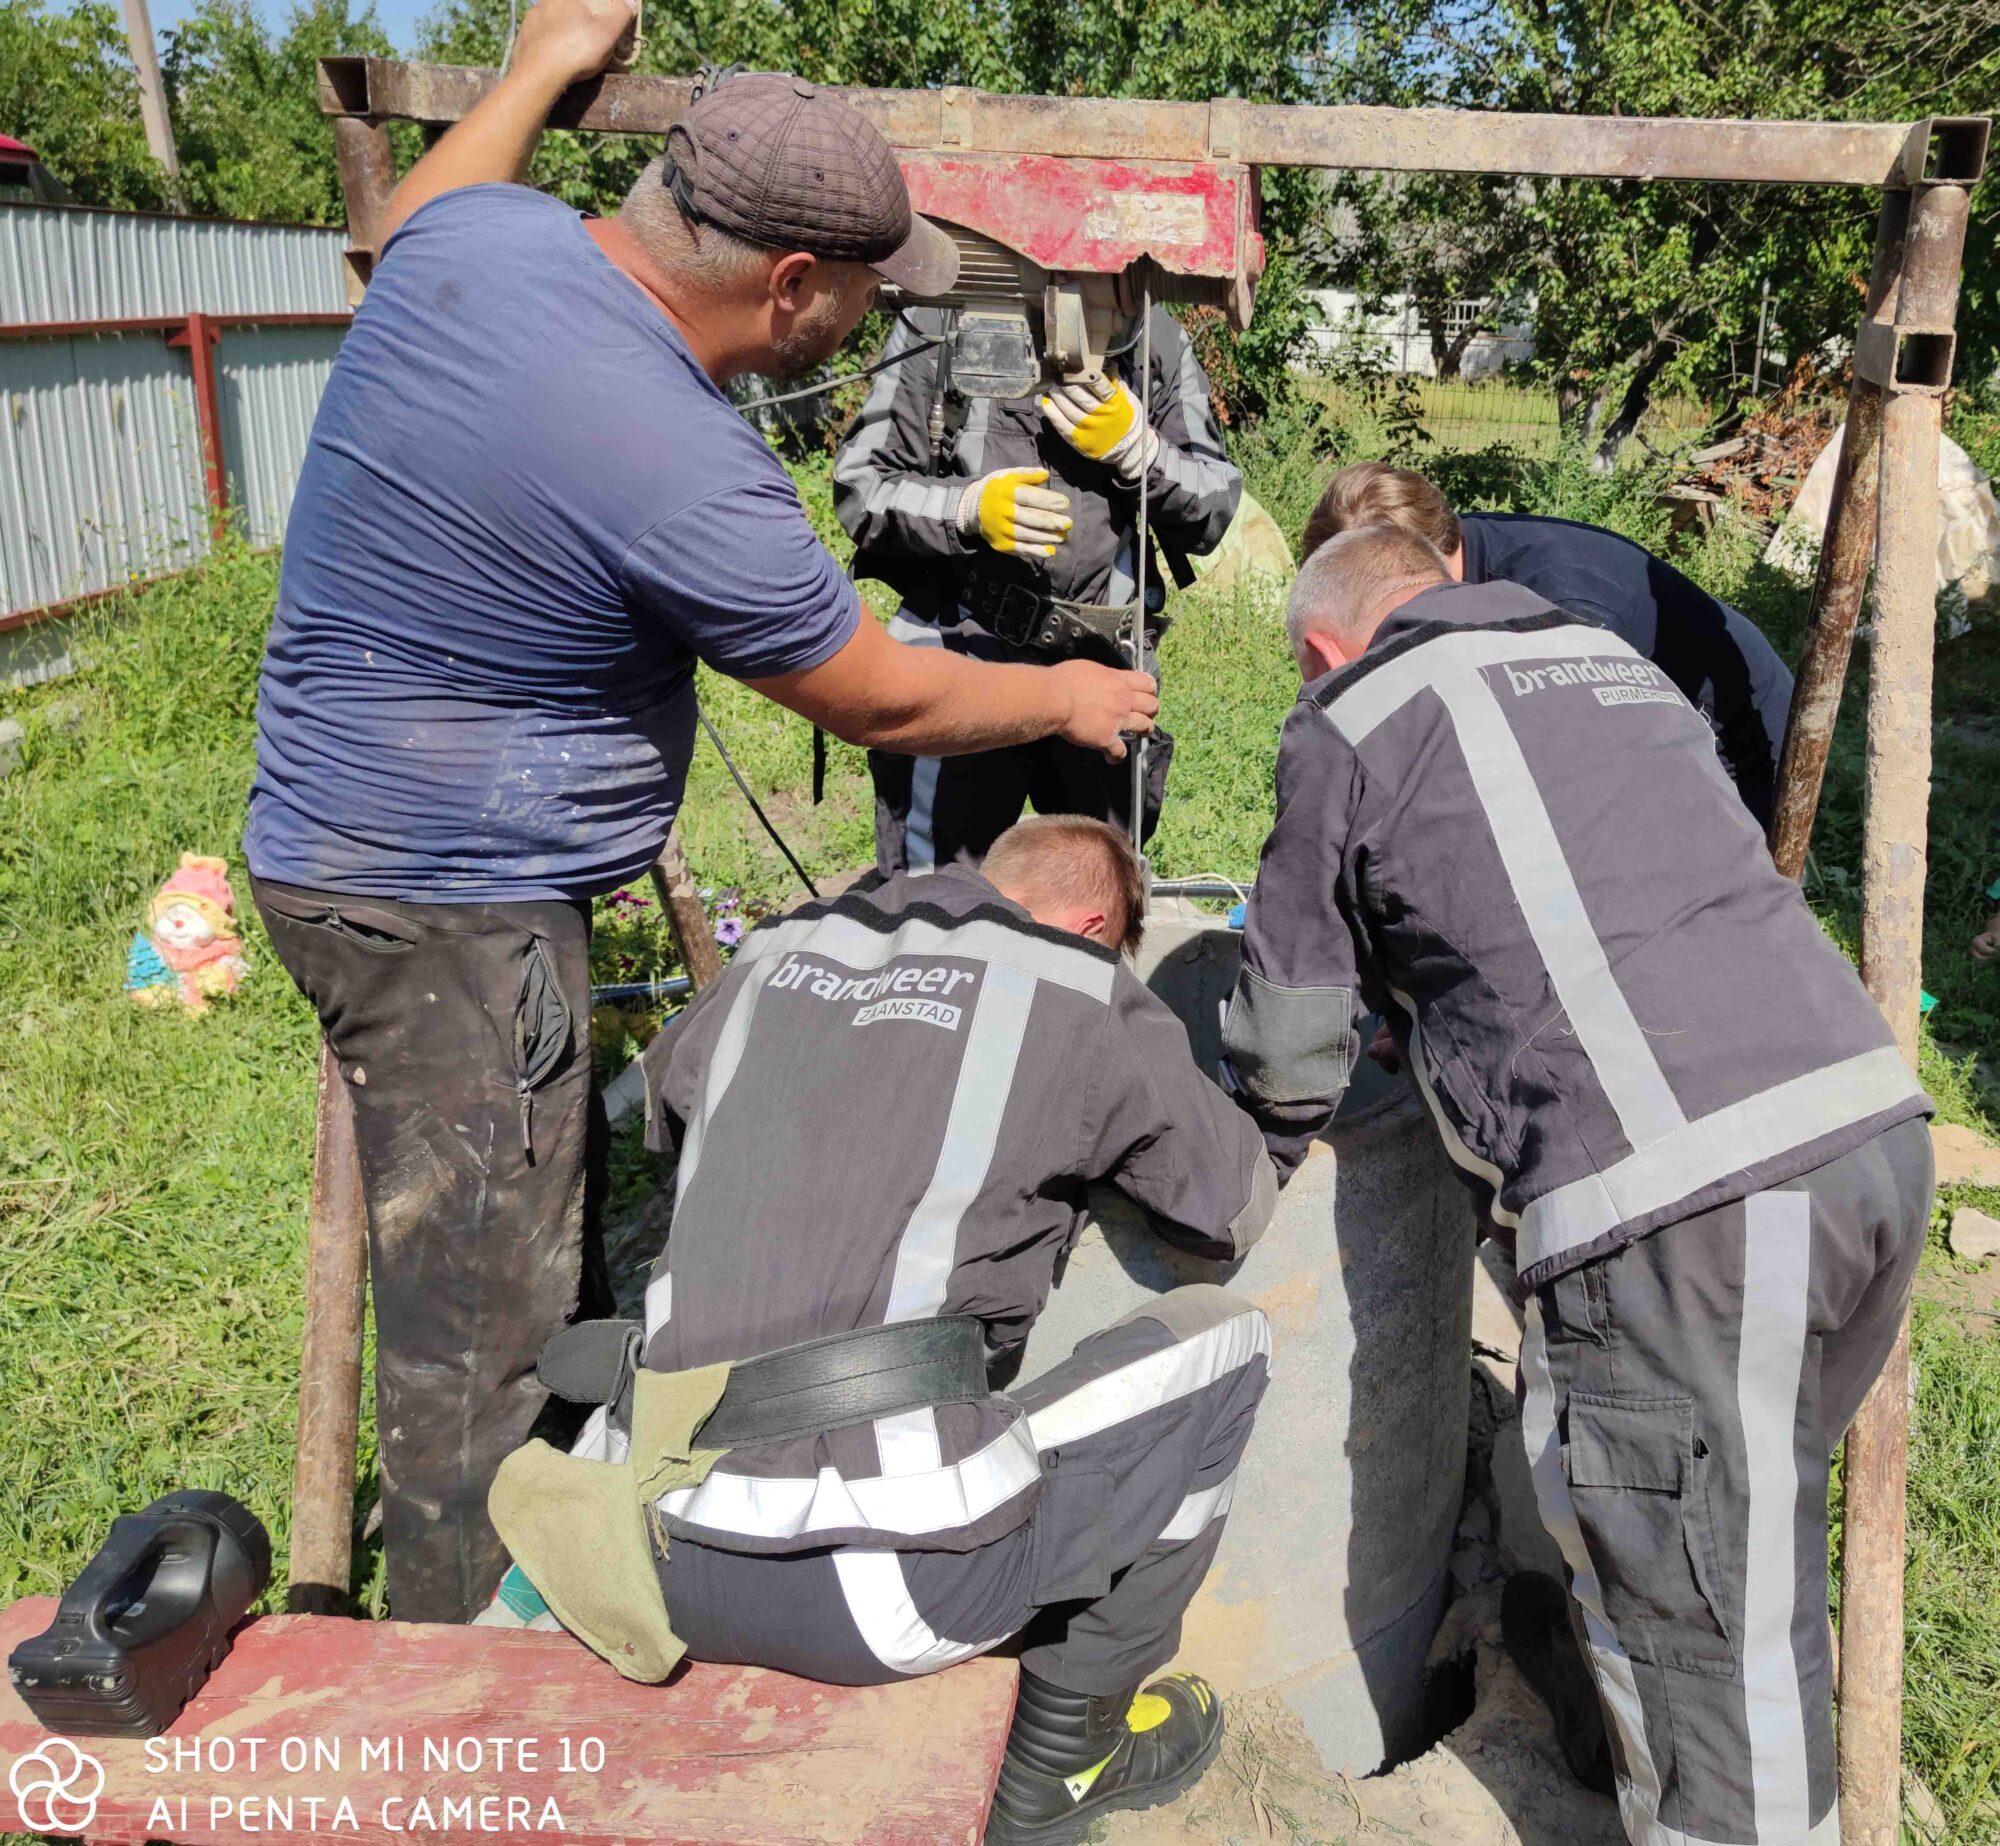 Трагедія в Гребінках: чоловік загинув у колодязі -  - IMG 20200901 114748 2000x1846